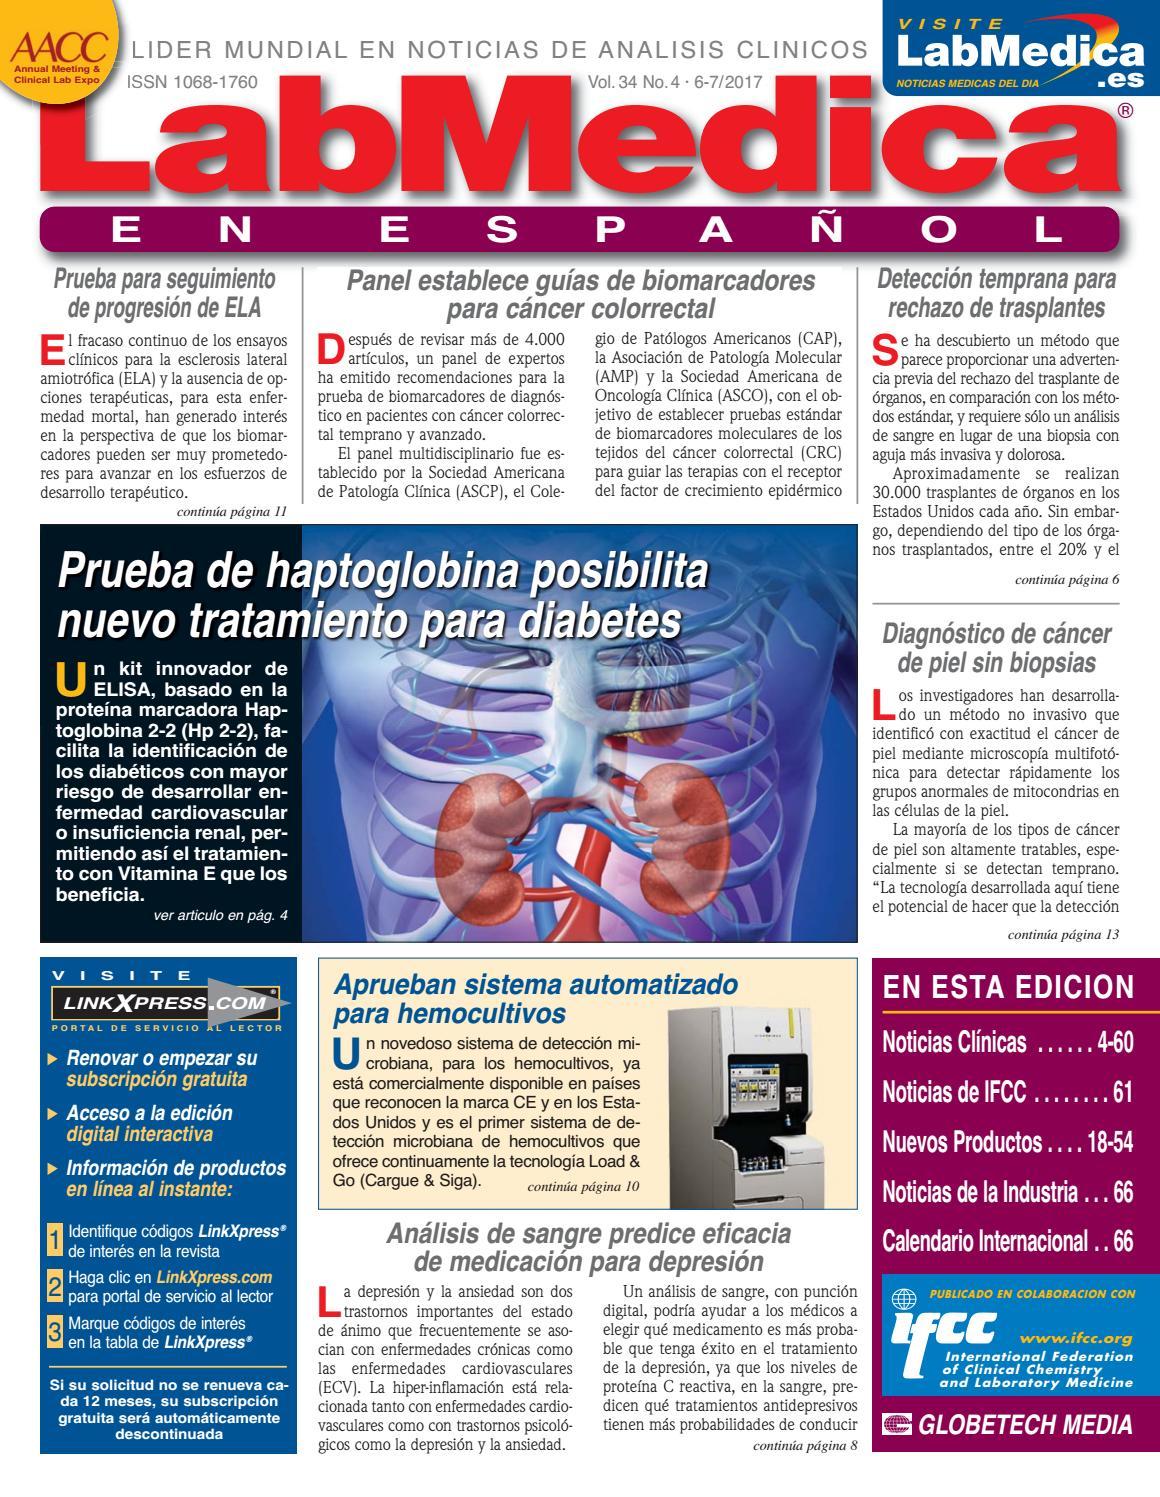 intervención endovascular próstata brescia para